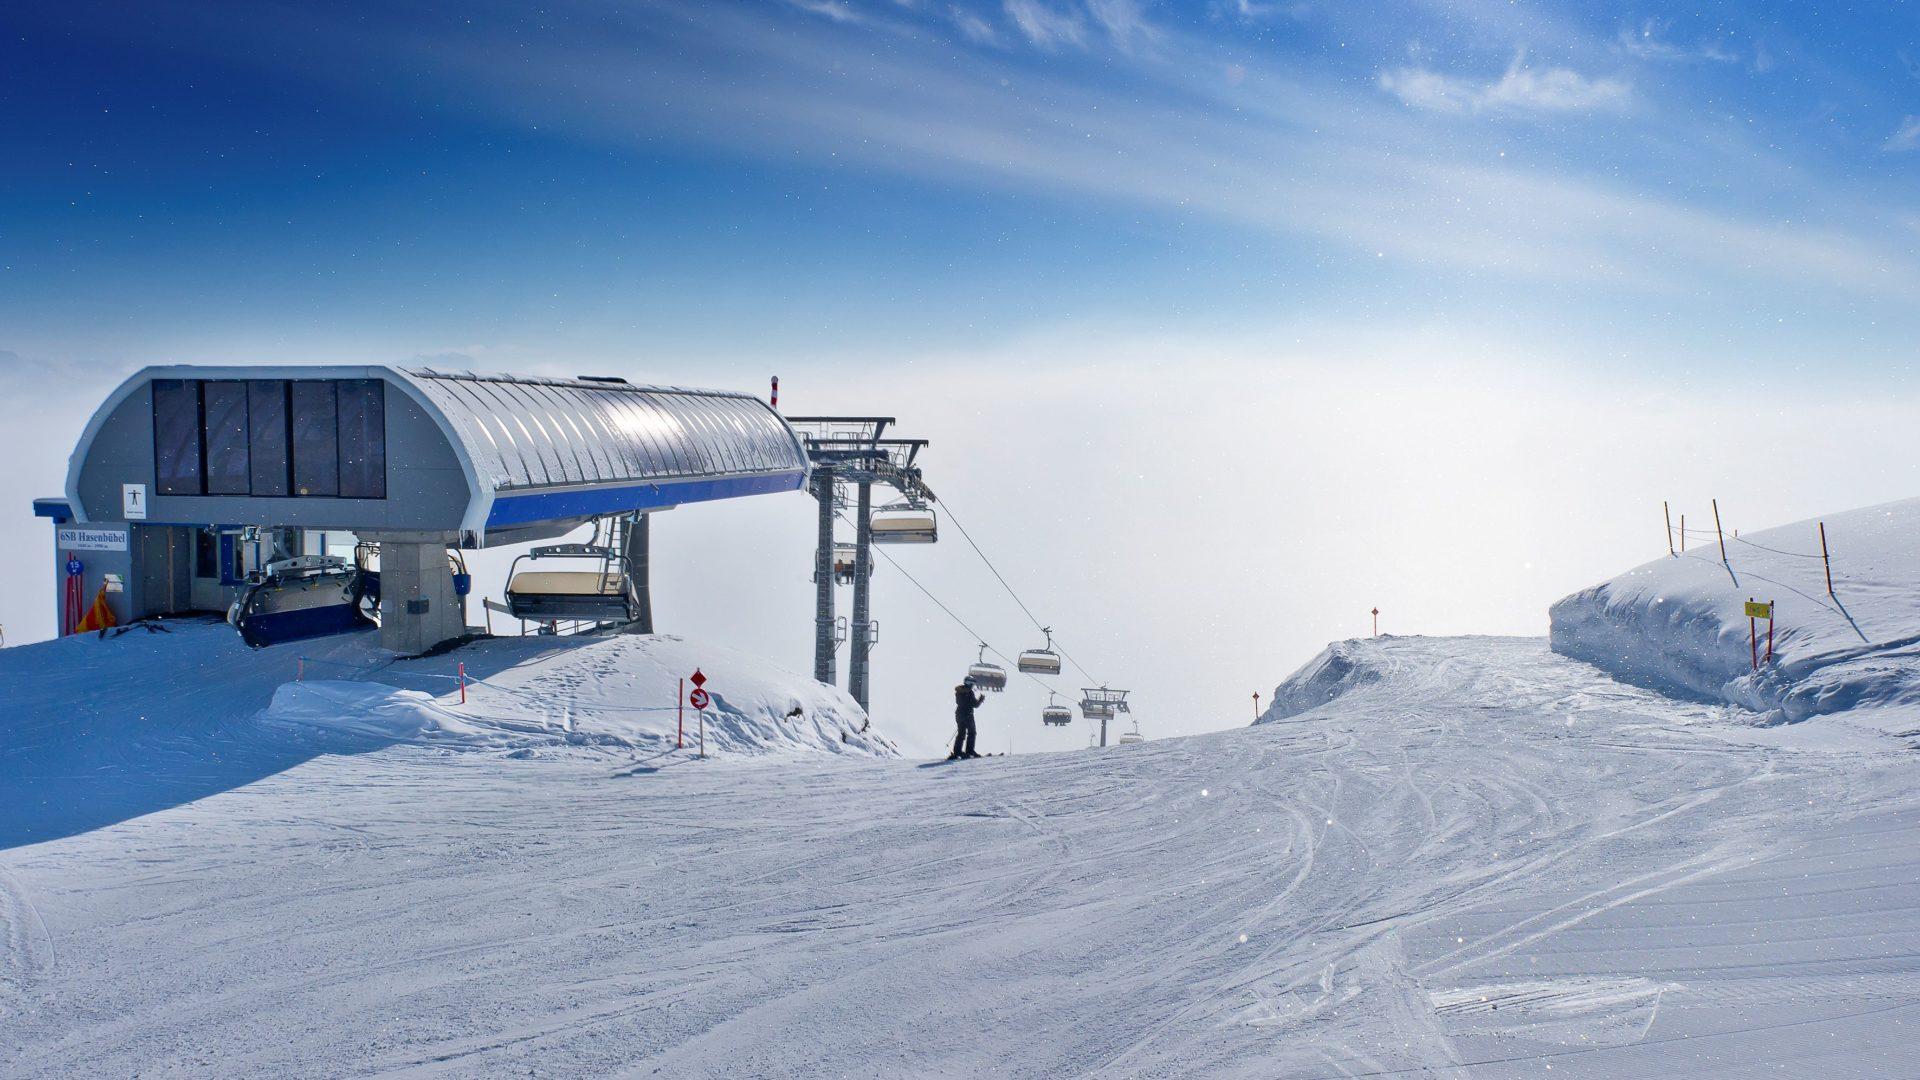 Skigebiete Damüls Faschina, Bregenzerwald, Vorarlberg - Hasenbühellift (c) Damüls Faschina Tourismus / Huber Images